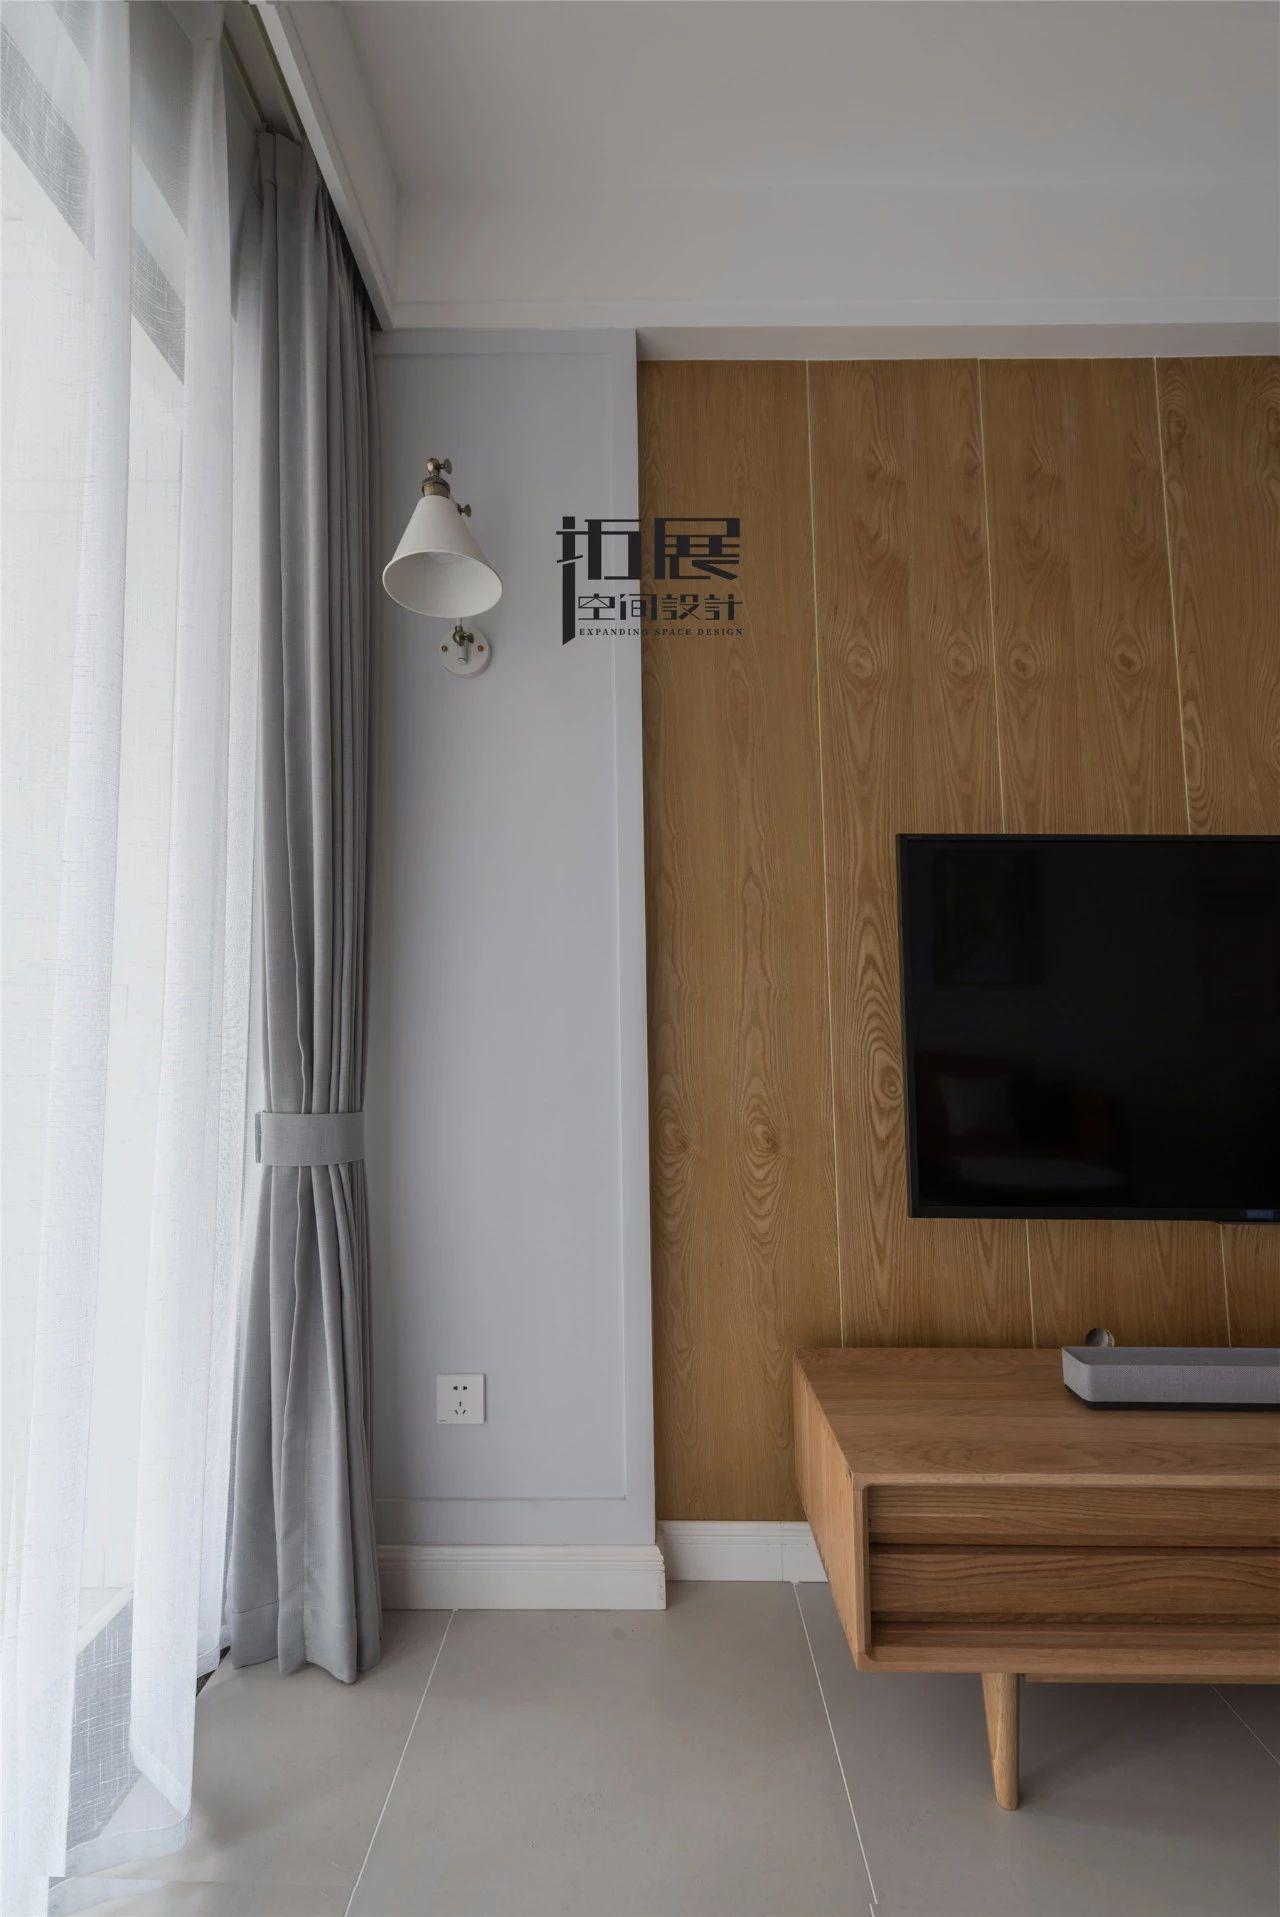 小户型北欧风格装修窗帘图片